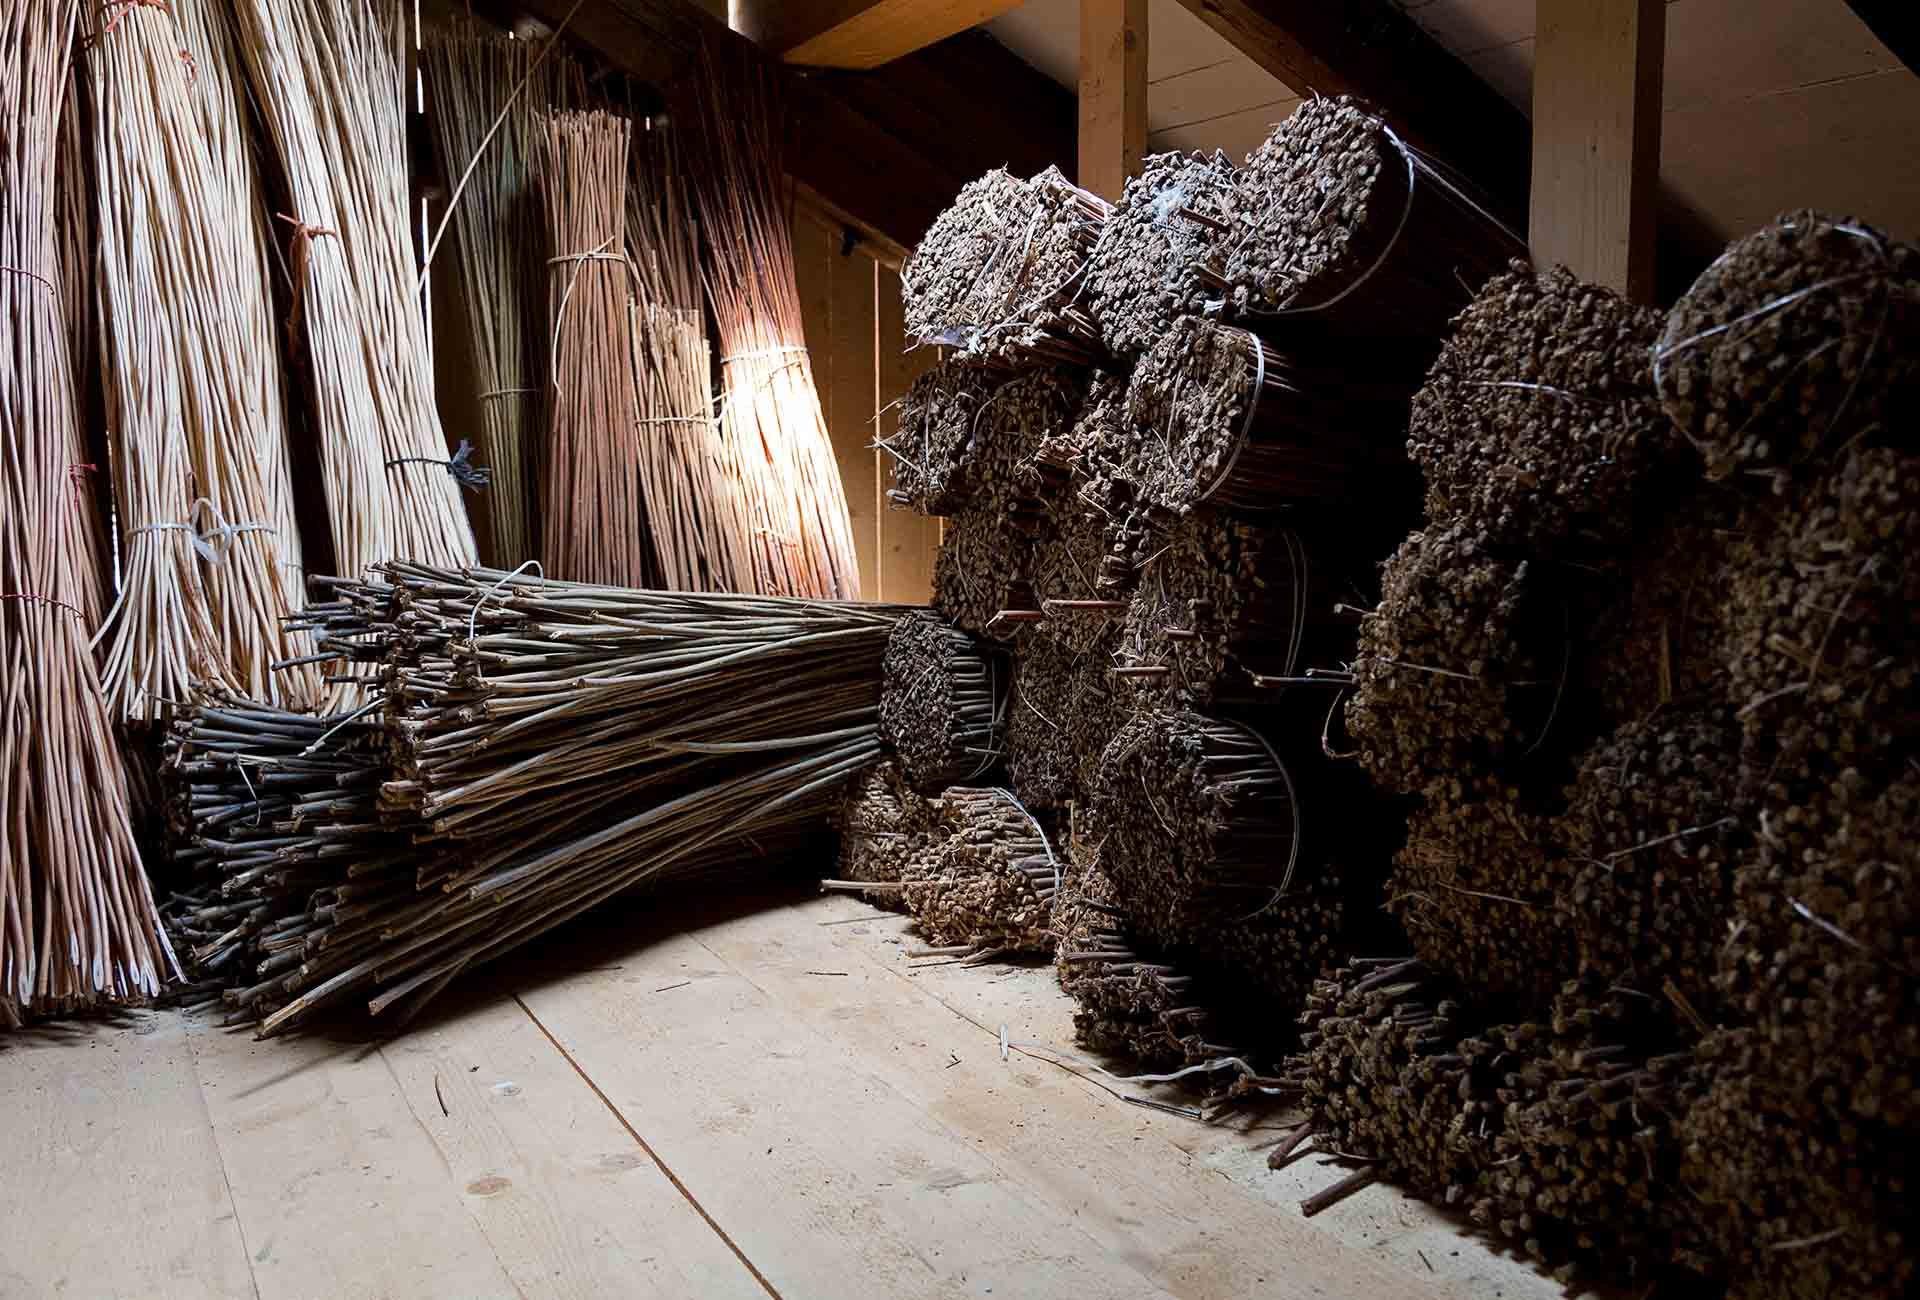 Flechtwerkgestalter, Emmanuel Heringer, Art Aurea